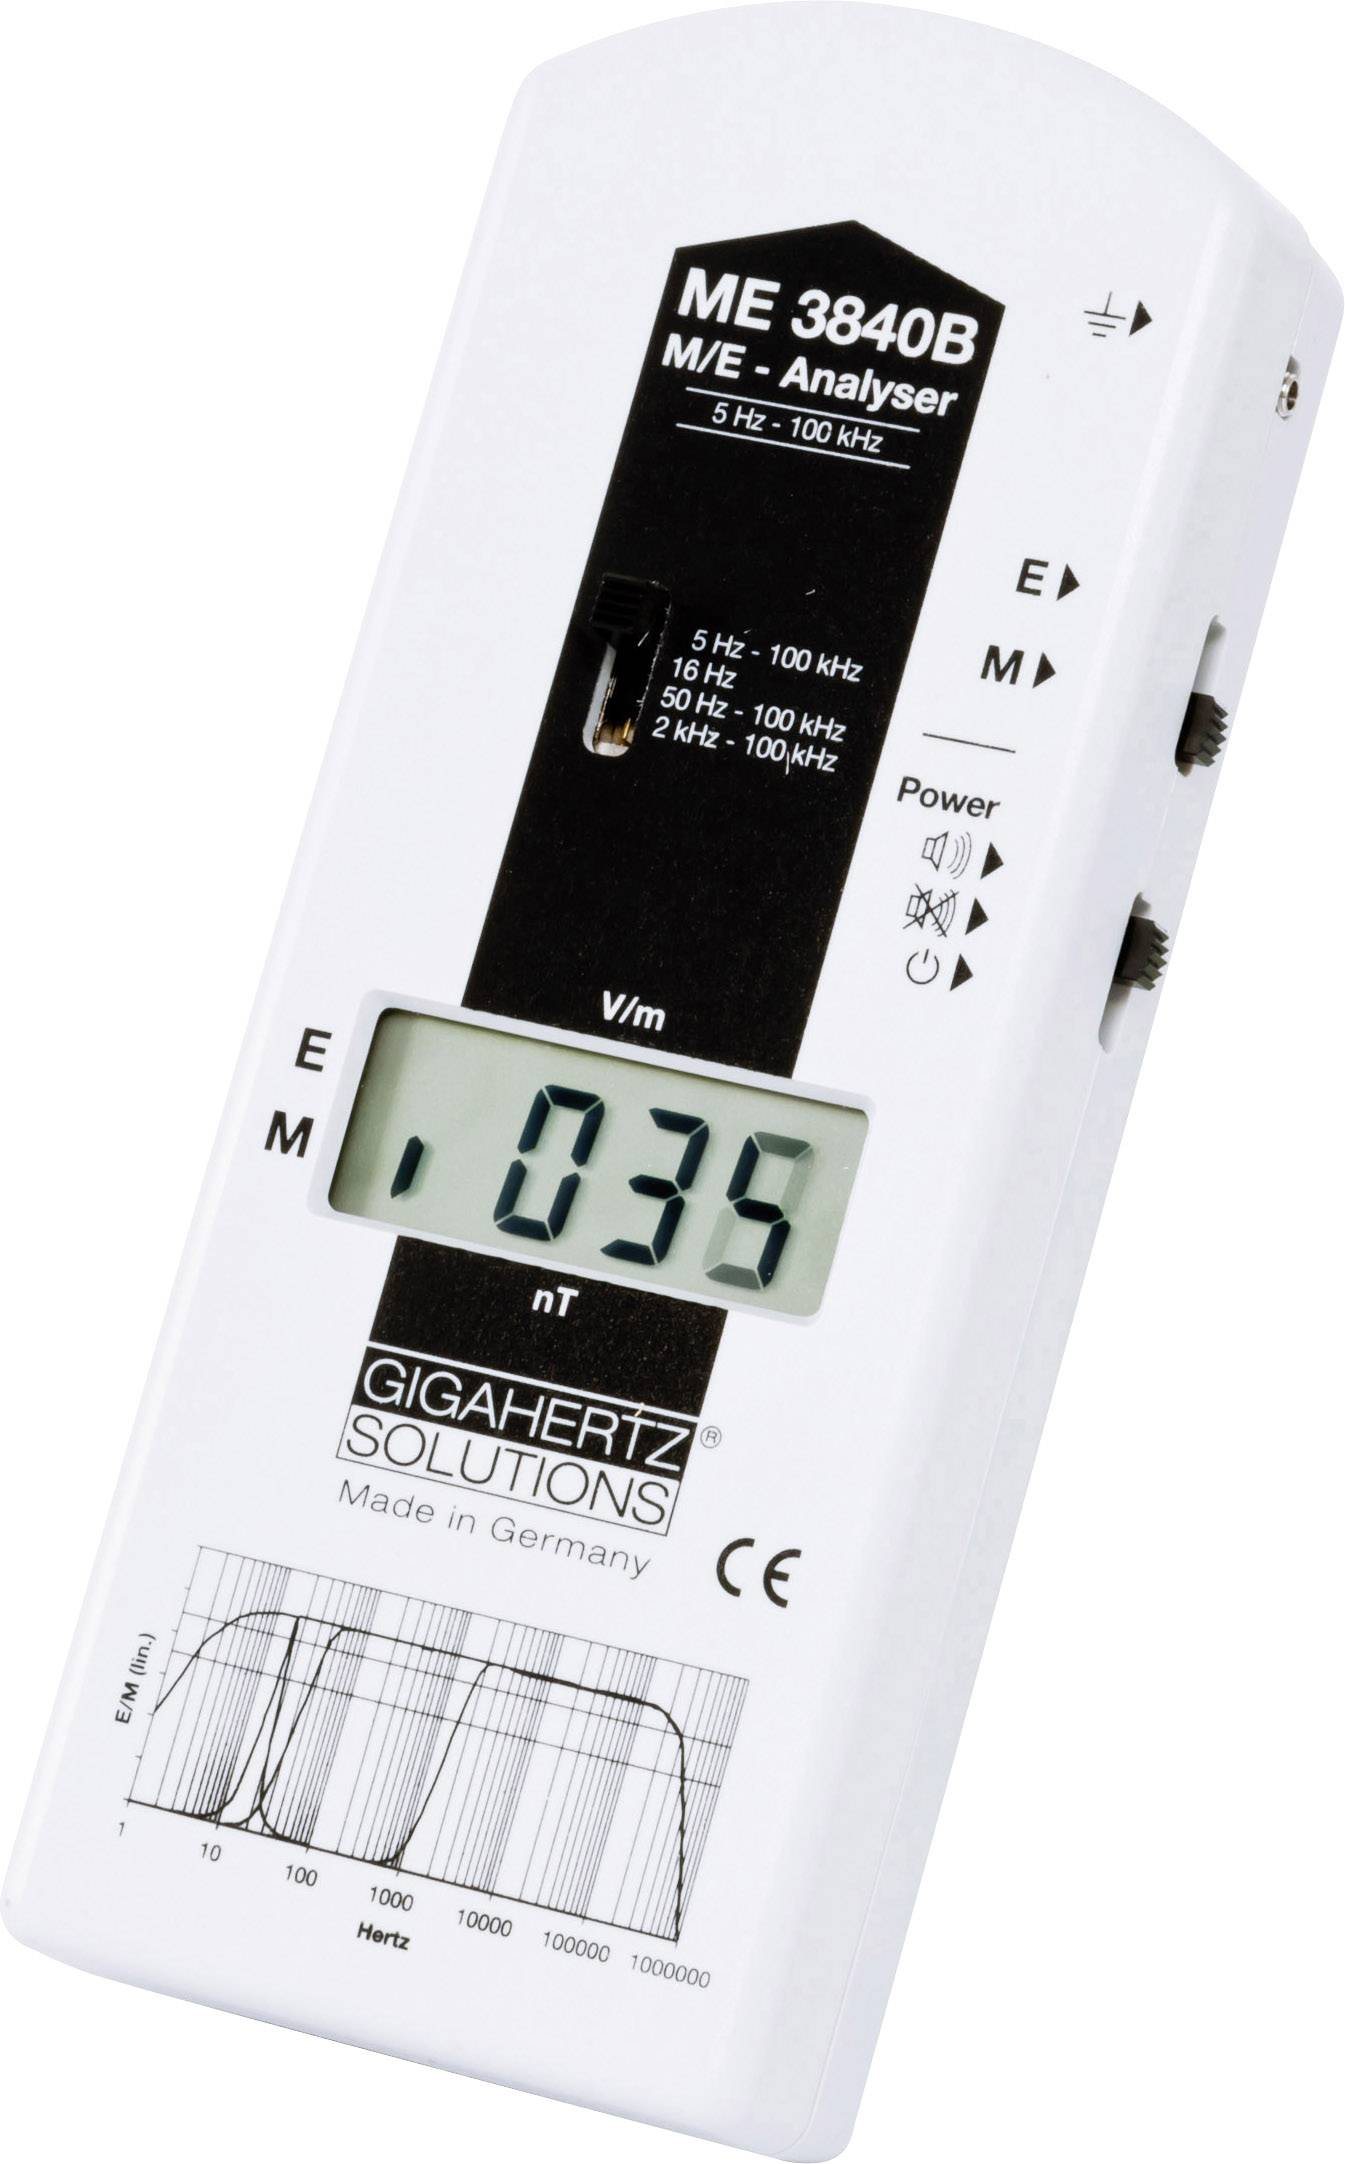 NF analyzátor elektrosmogu Gigahertz ME3840B, 5 Hz - 100 kHz